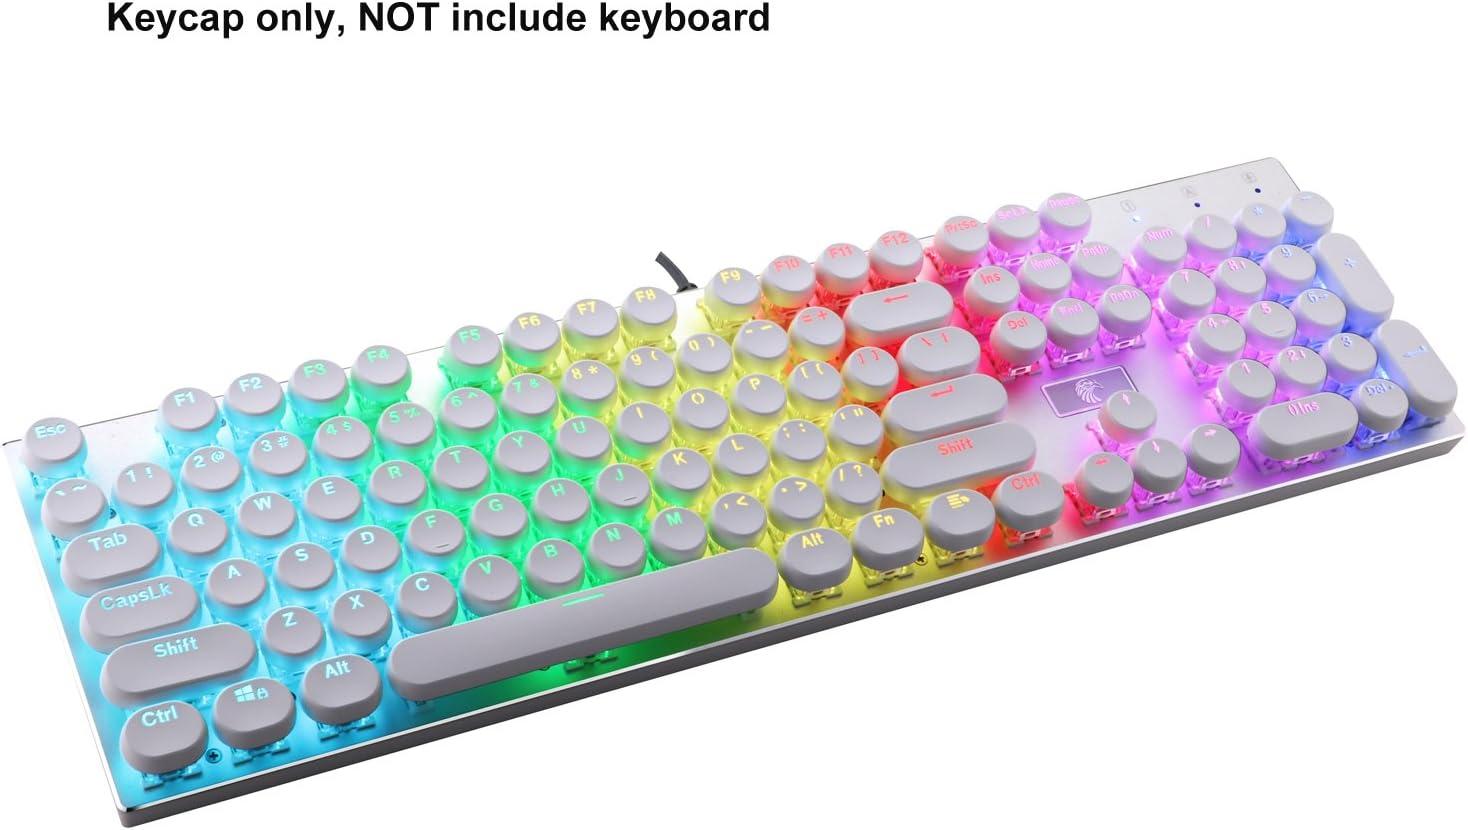 set de 104 teclas retro pbt para teclado mecanico BLANCAS